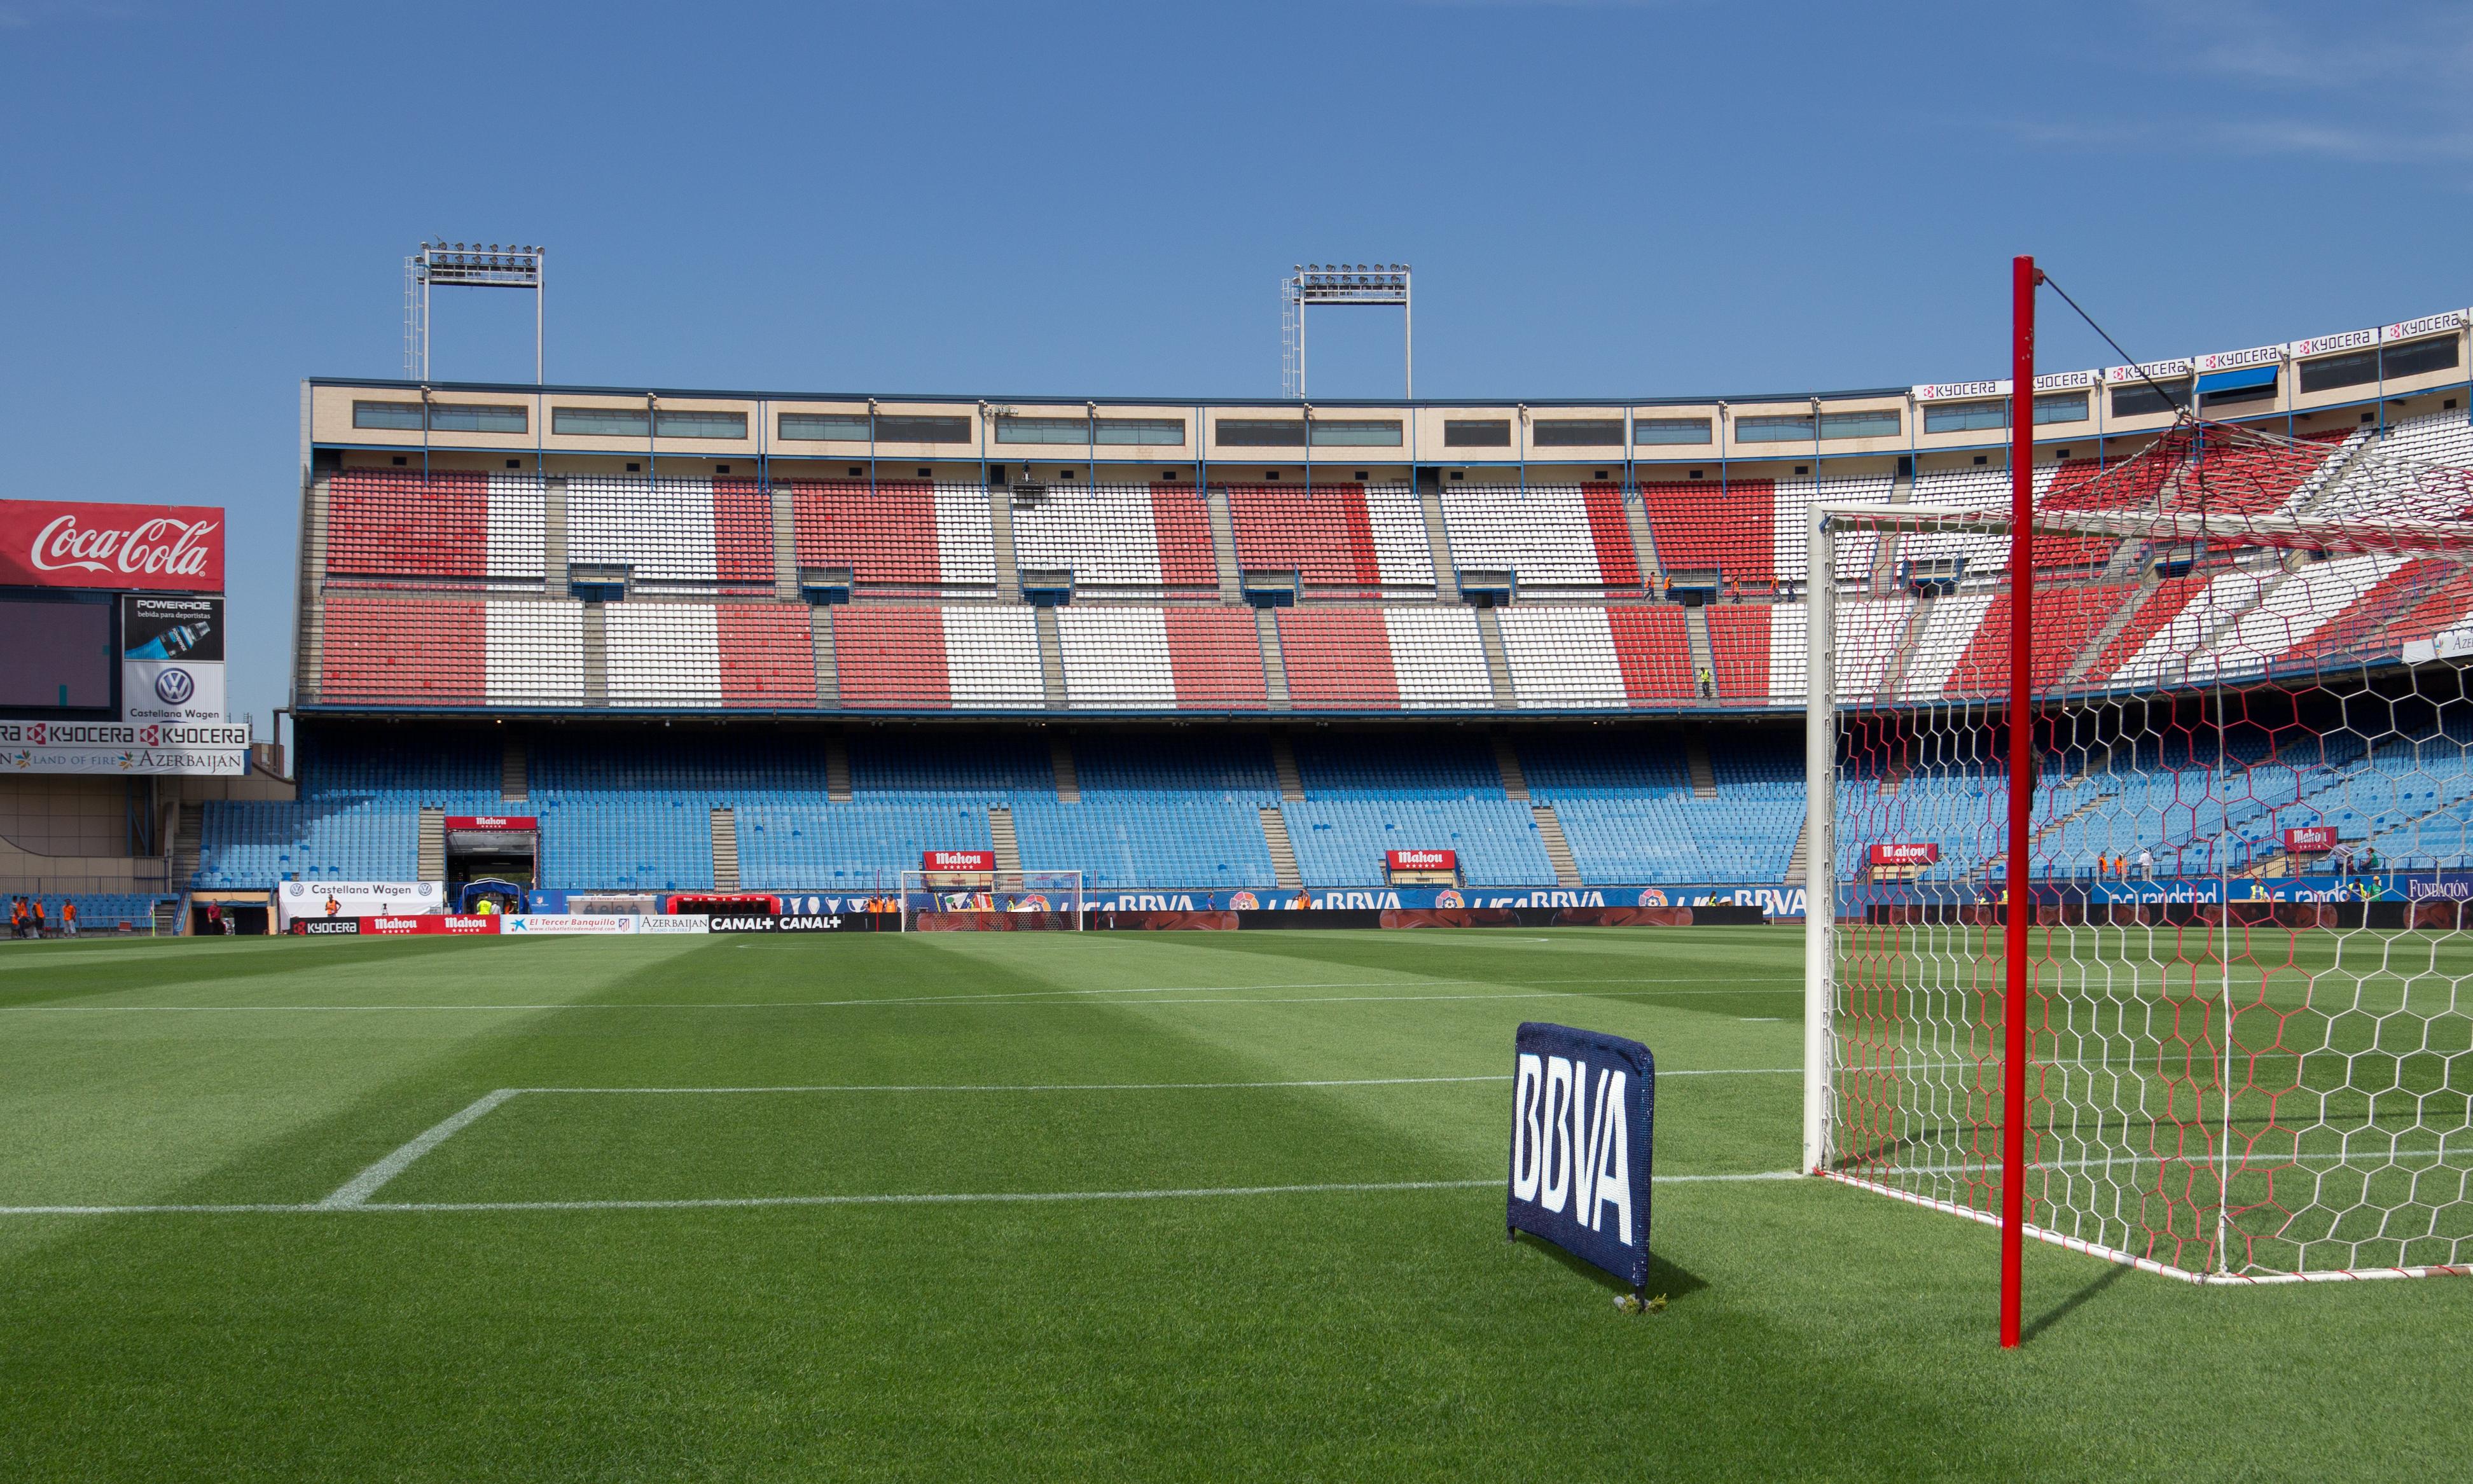 Copa del Rey de fútbol 2015-16 - Wikipedia, la enciclopedia ...